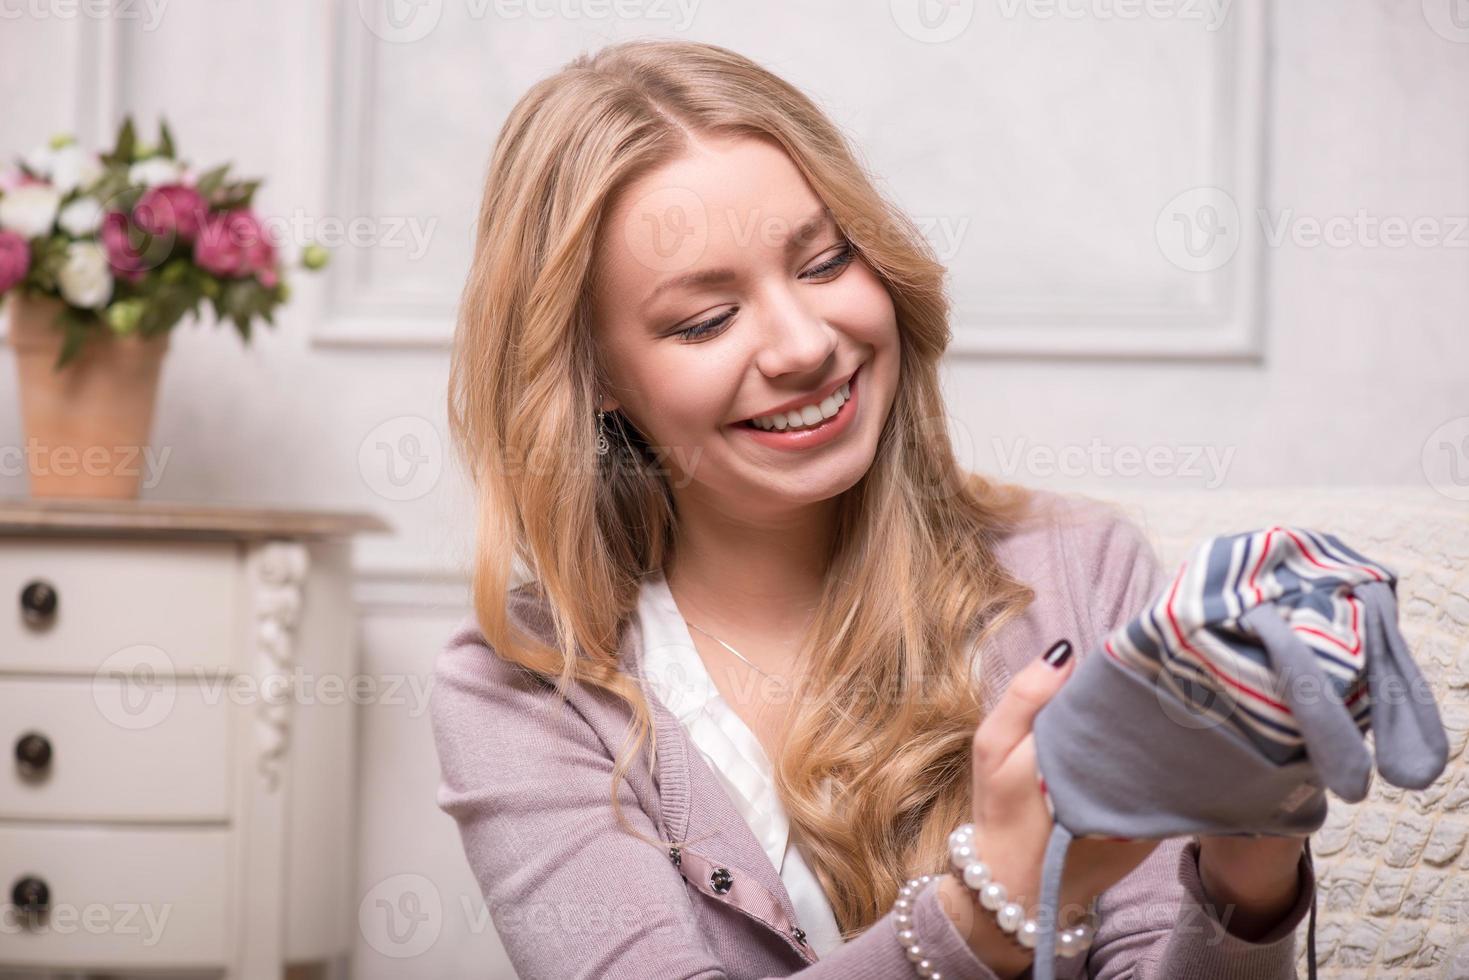 jonge aantrekkelijke vrouw met baby hoed, interieur schot foto